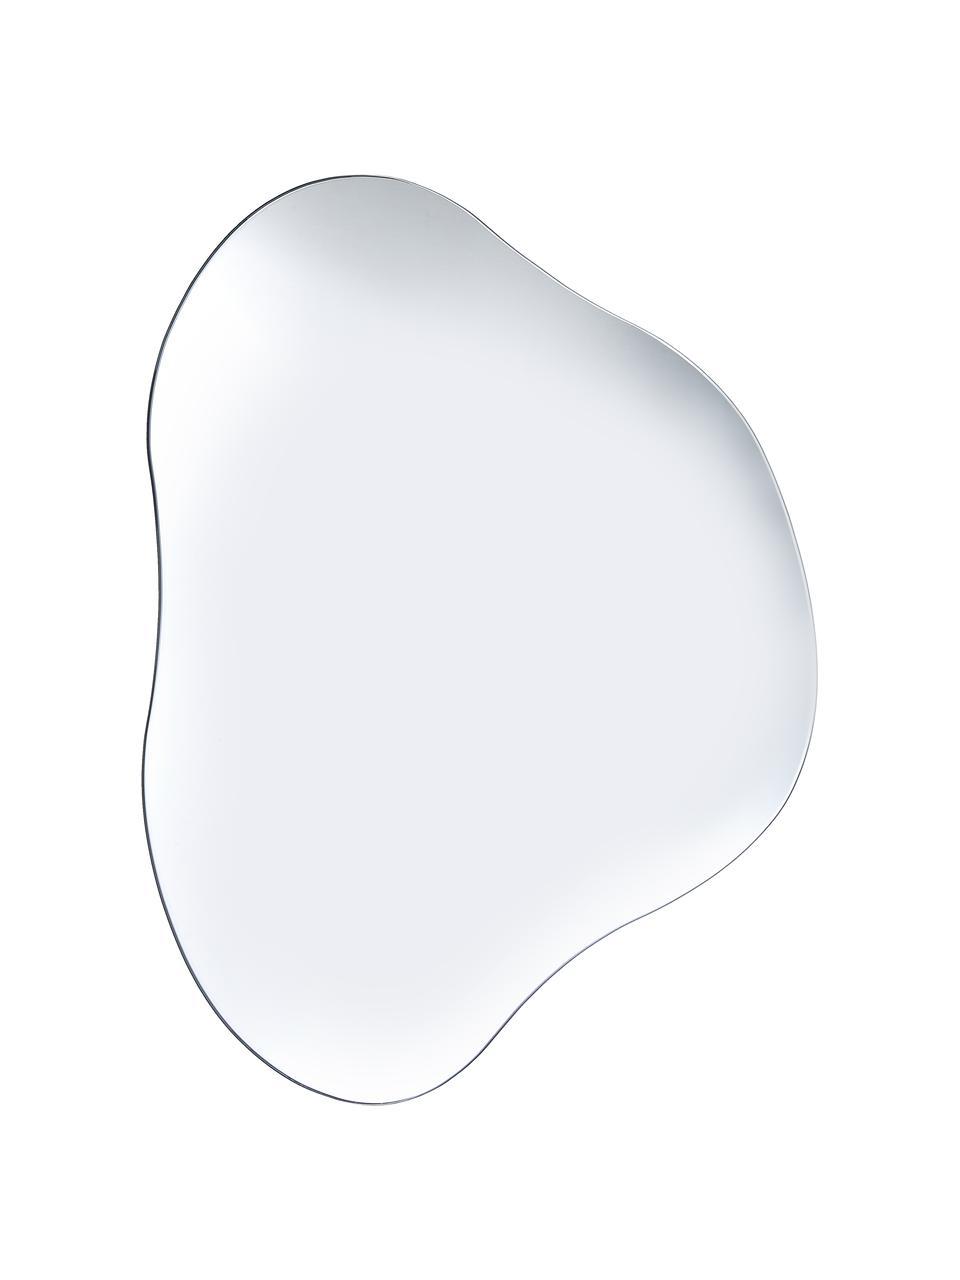 Specchio da parete Lake, Superficie dello specchio: lastra di vetro, Retro: pannello di fibra a media, Argento, Larg. 50 x Alt. 50 cm